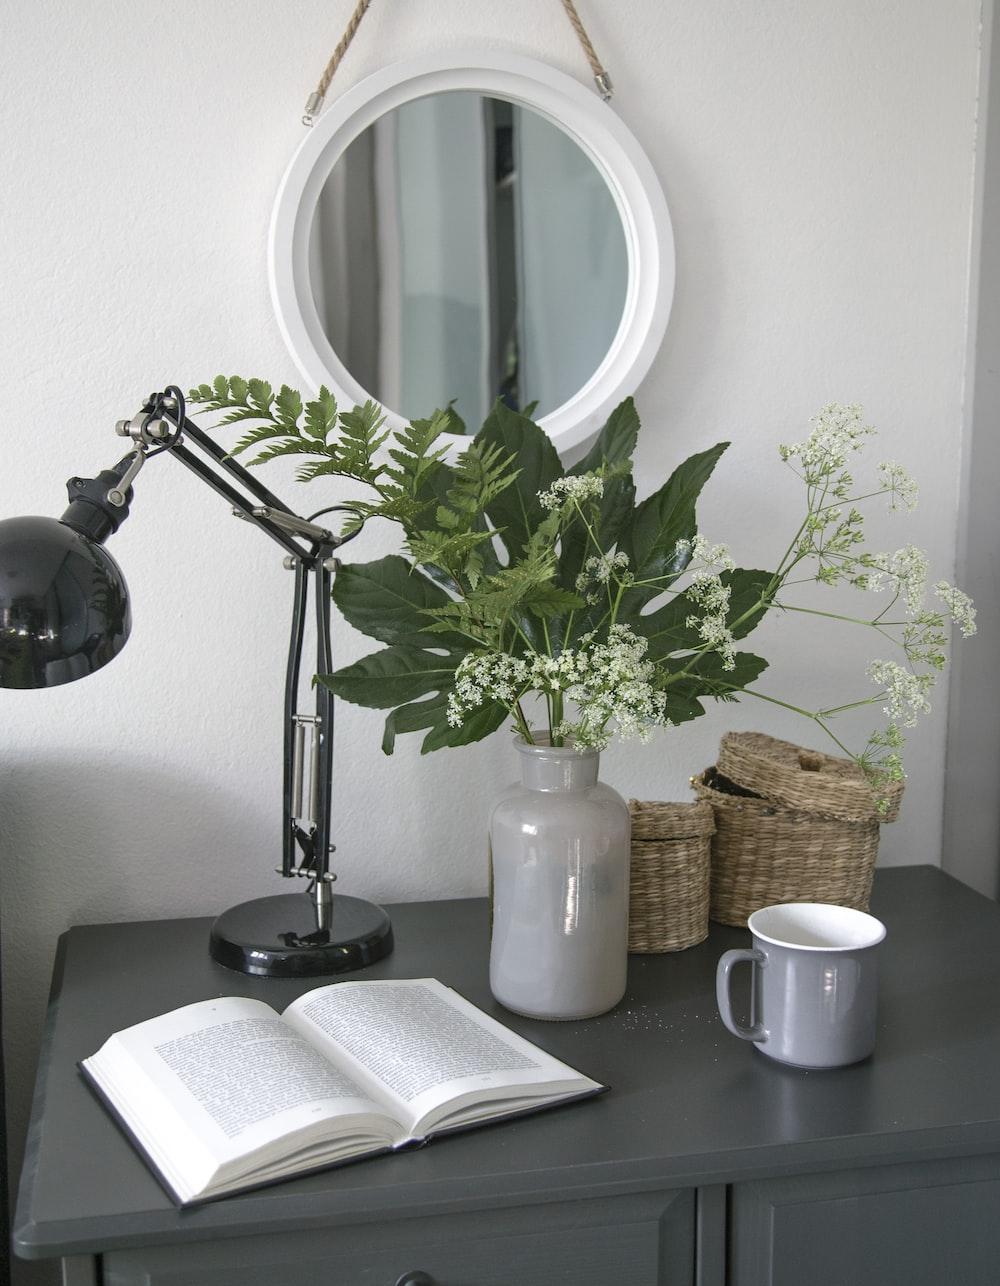 silver and black desk lamp beside white ceramic mug on black wooden table